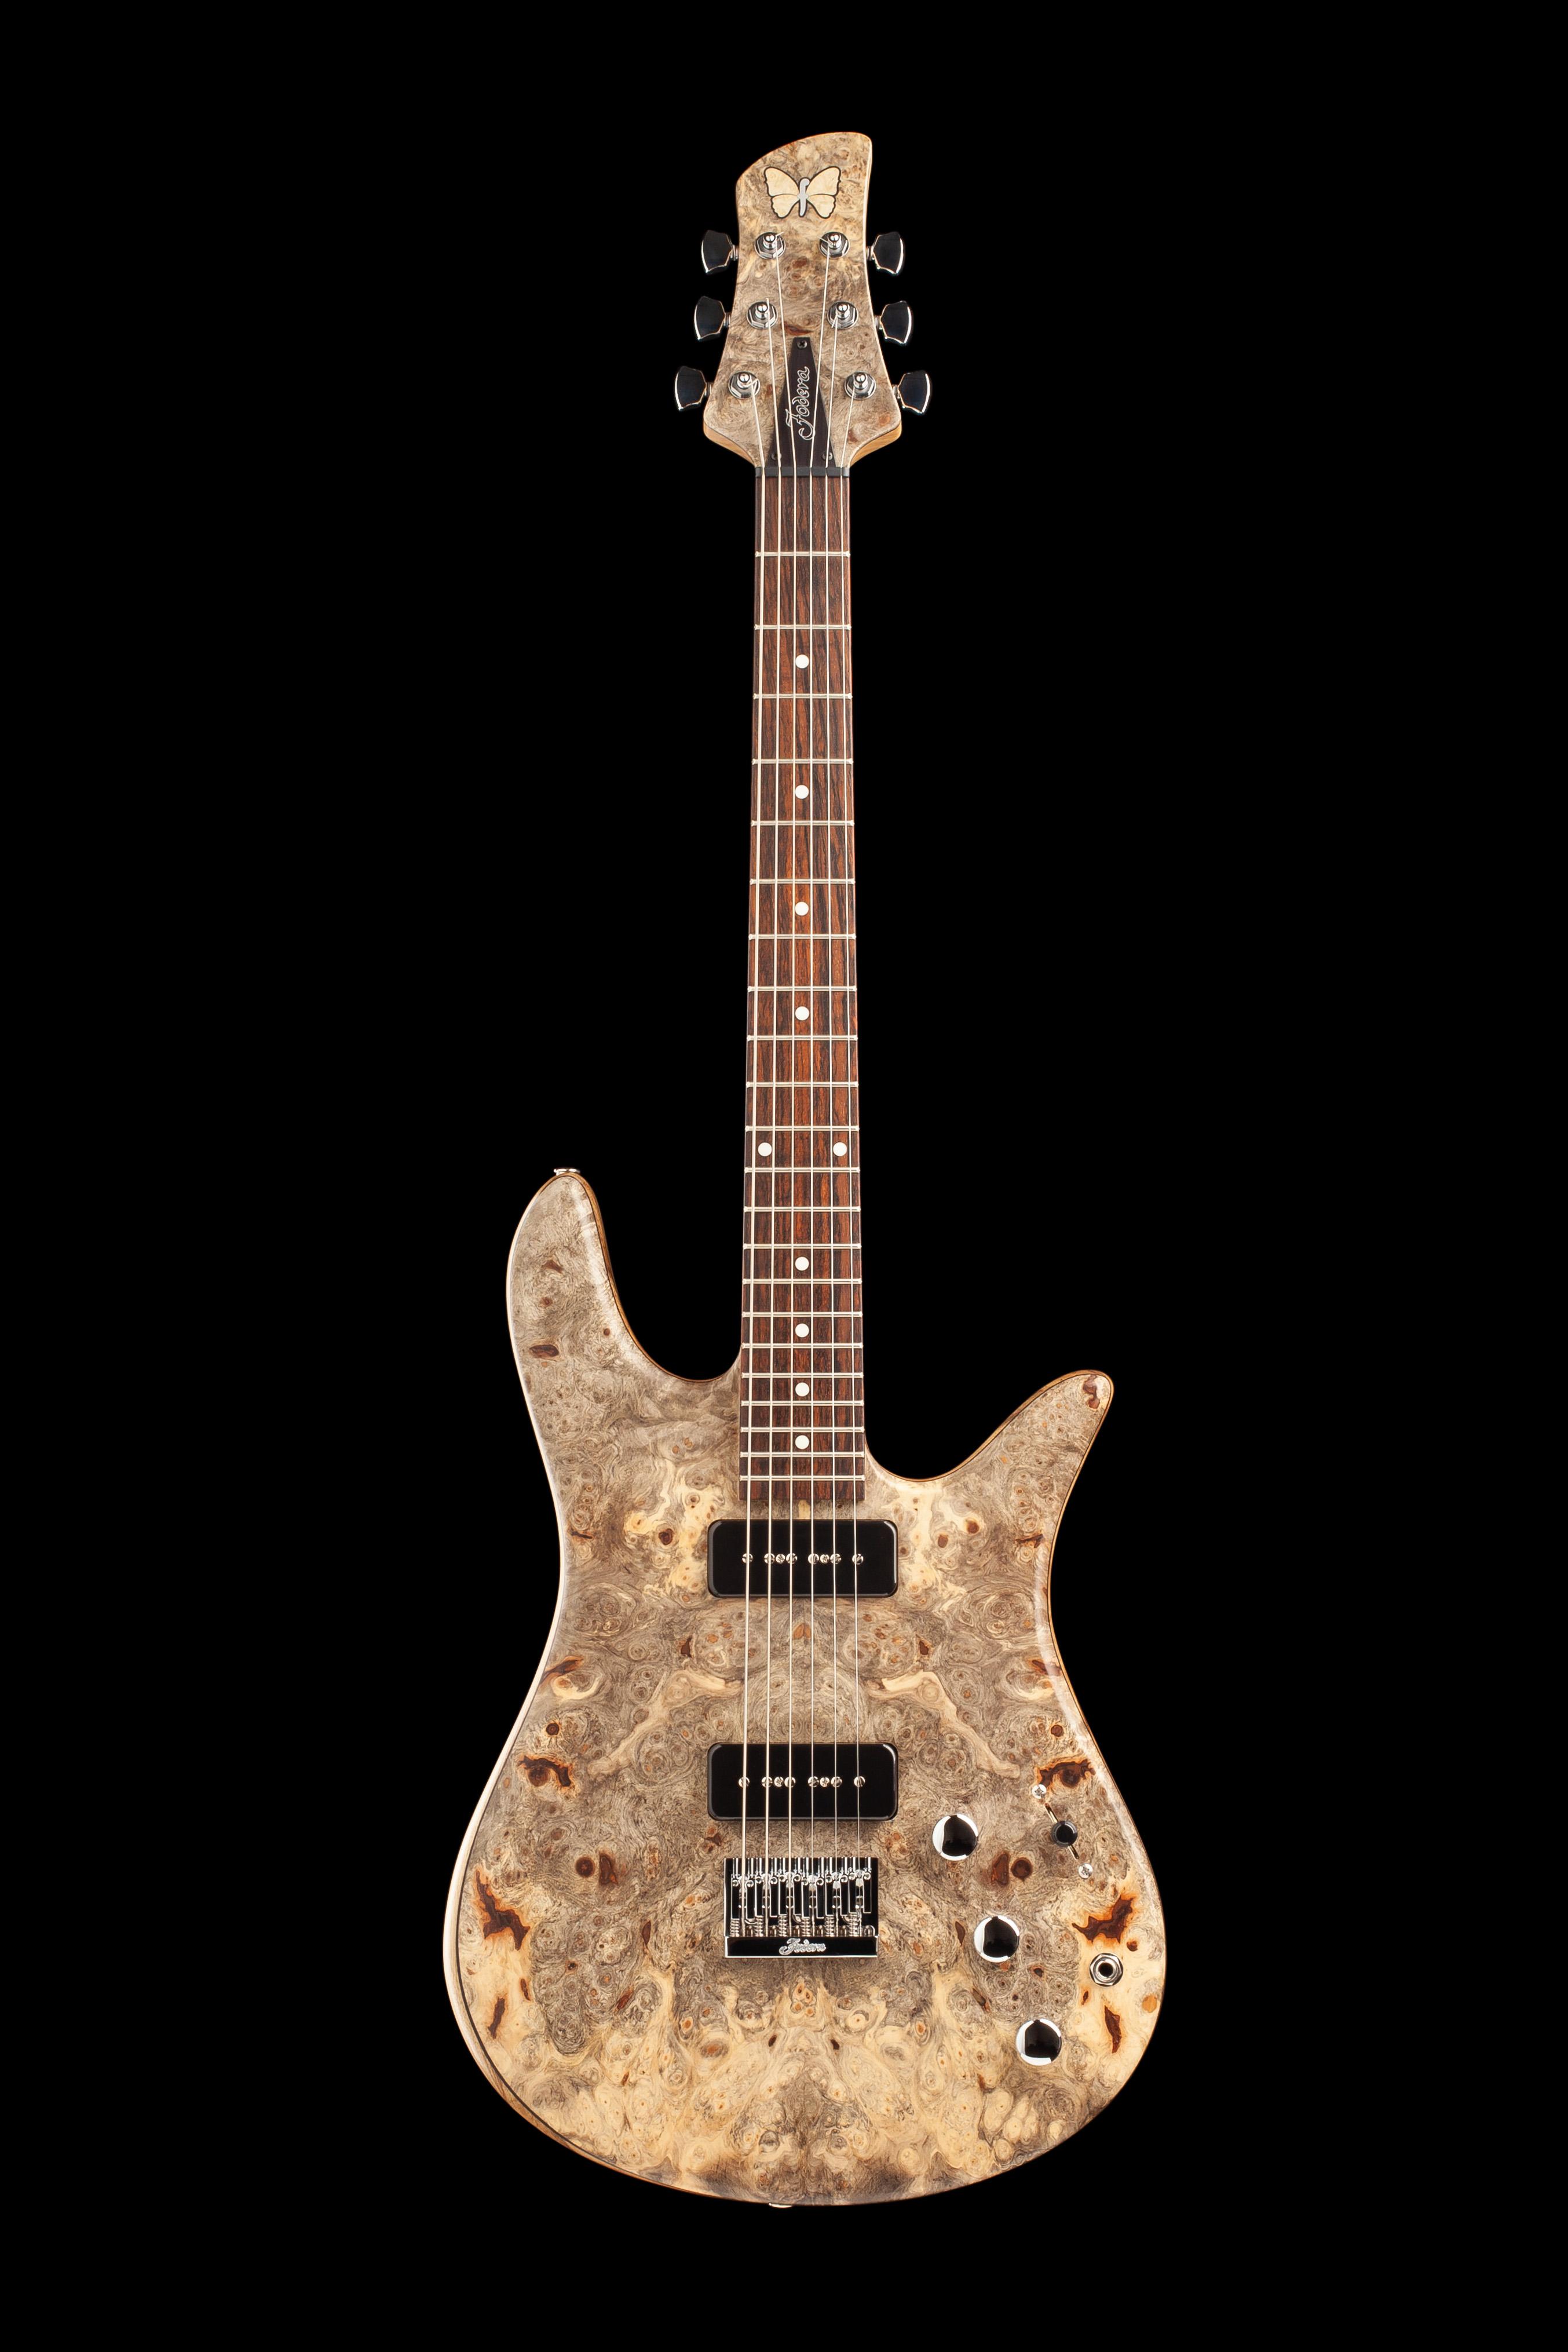 Fodera Monarch Bass Guitar